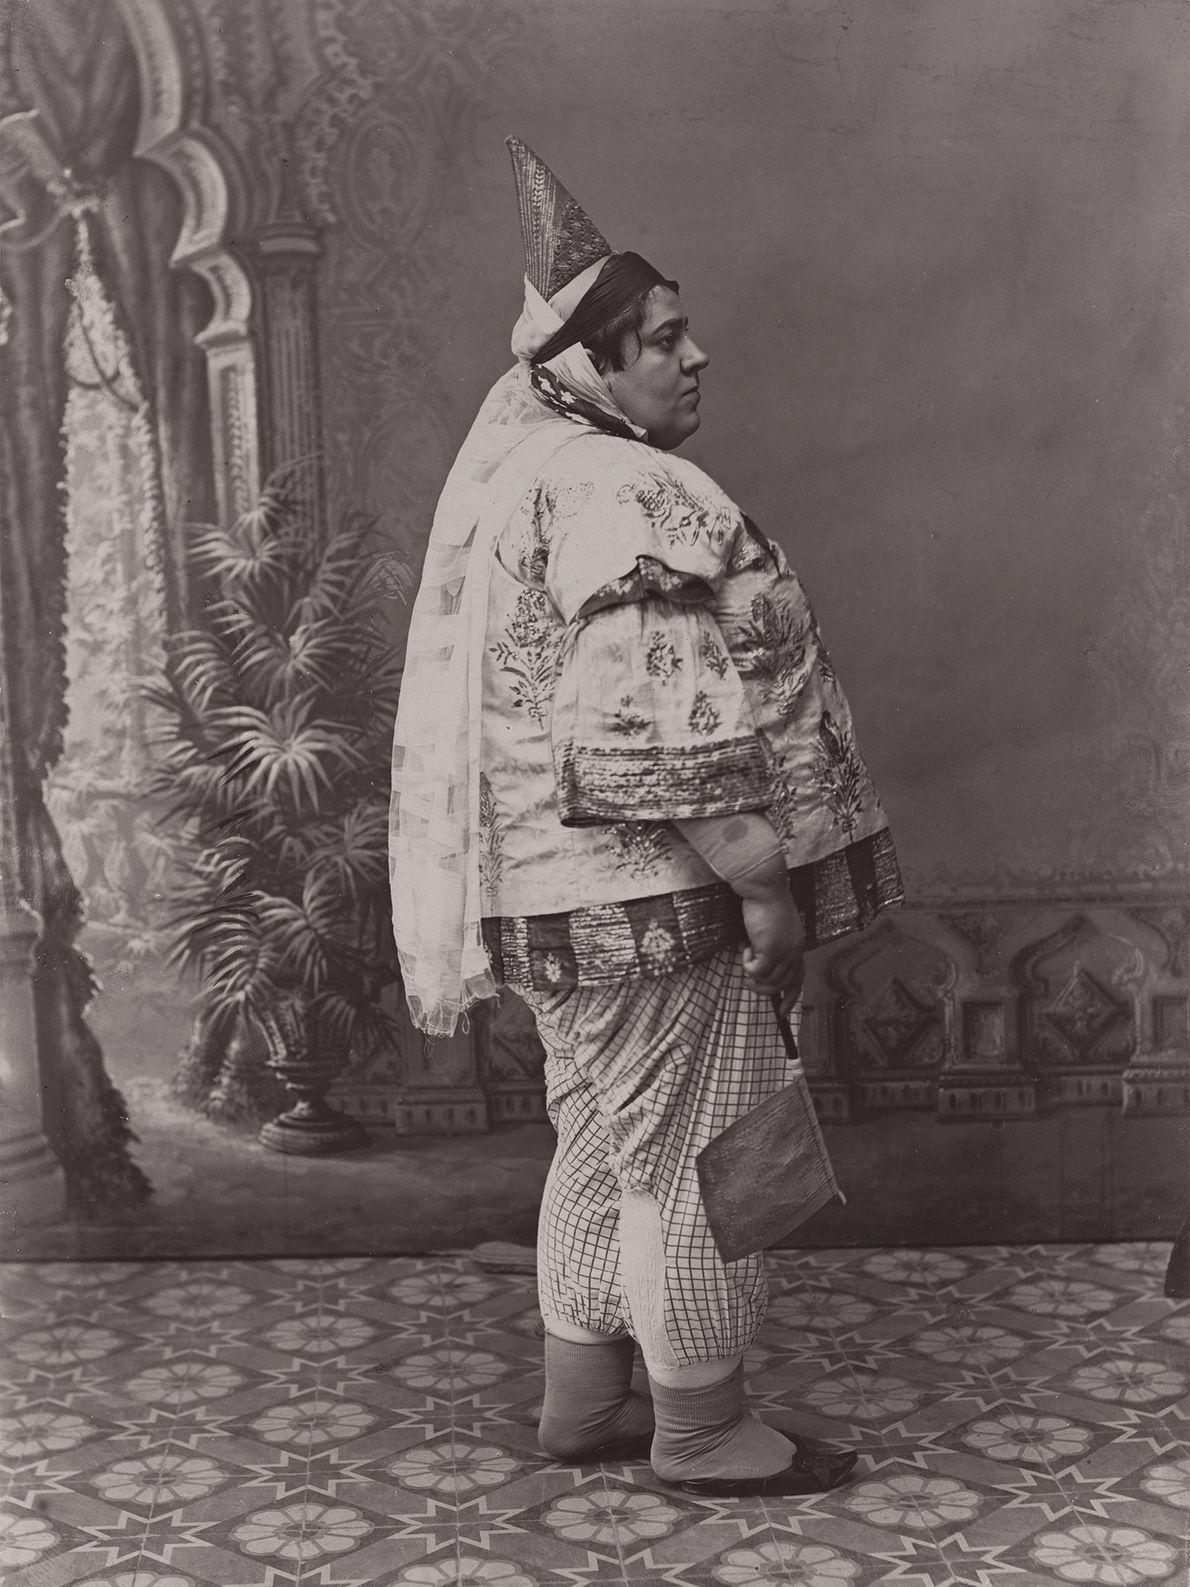 Eine Frau in Kleidung aus Satin und Seide steht in einem Innenhof in Tunesien. Ihr spitz ...